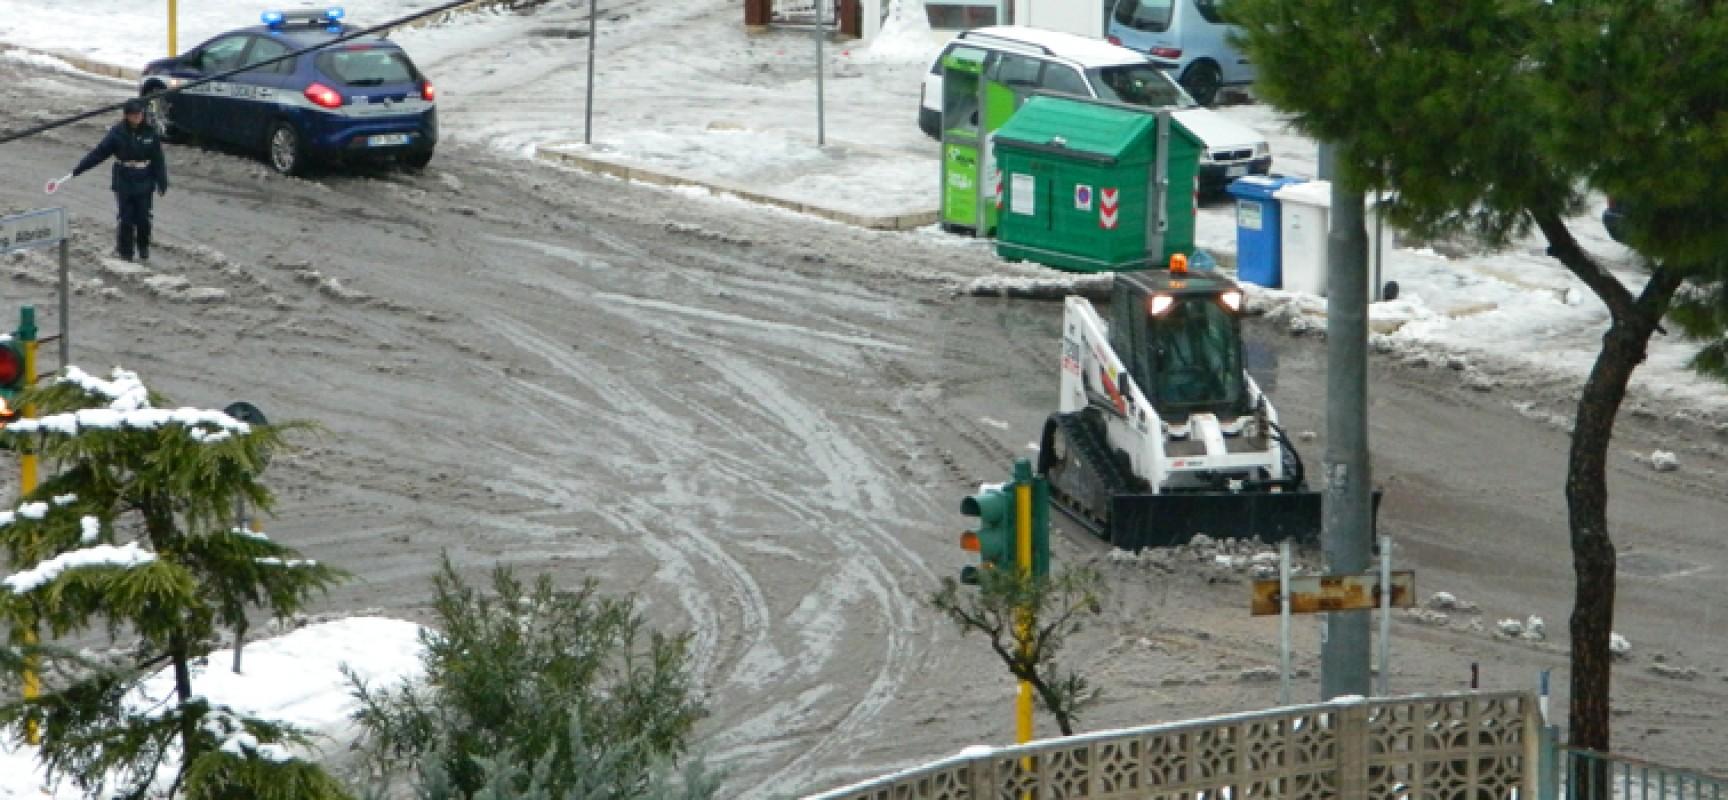 Maltempo di gennaio, altri 25mila euro per lavori di somma urgenza